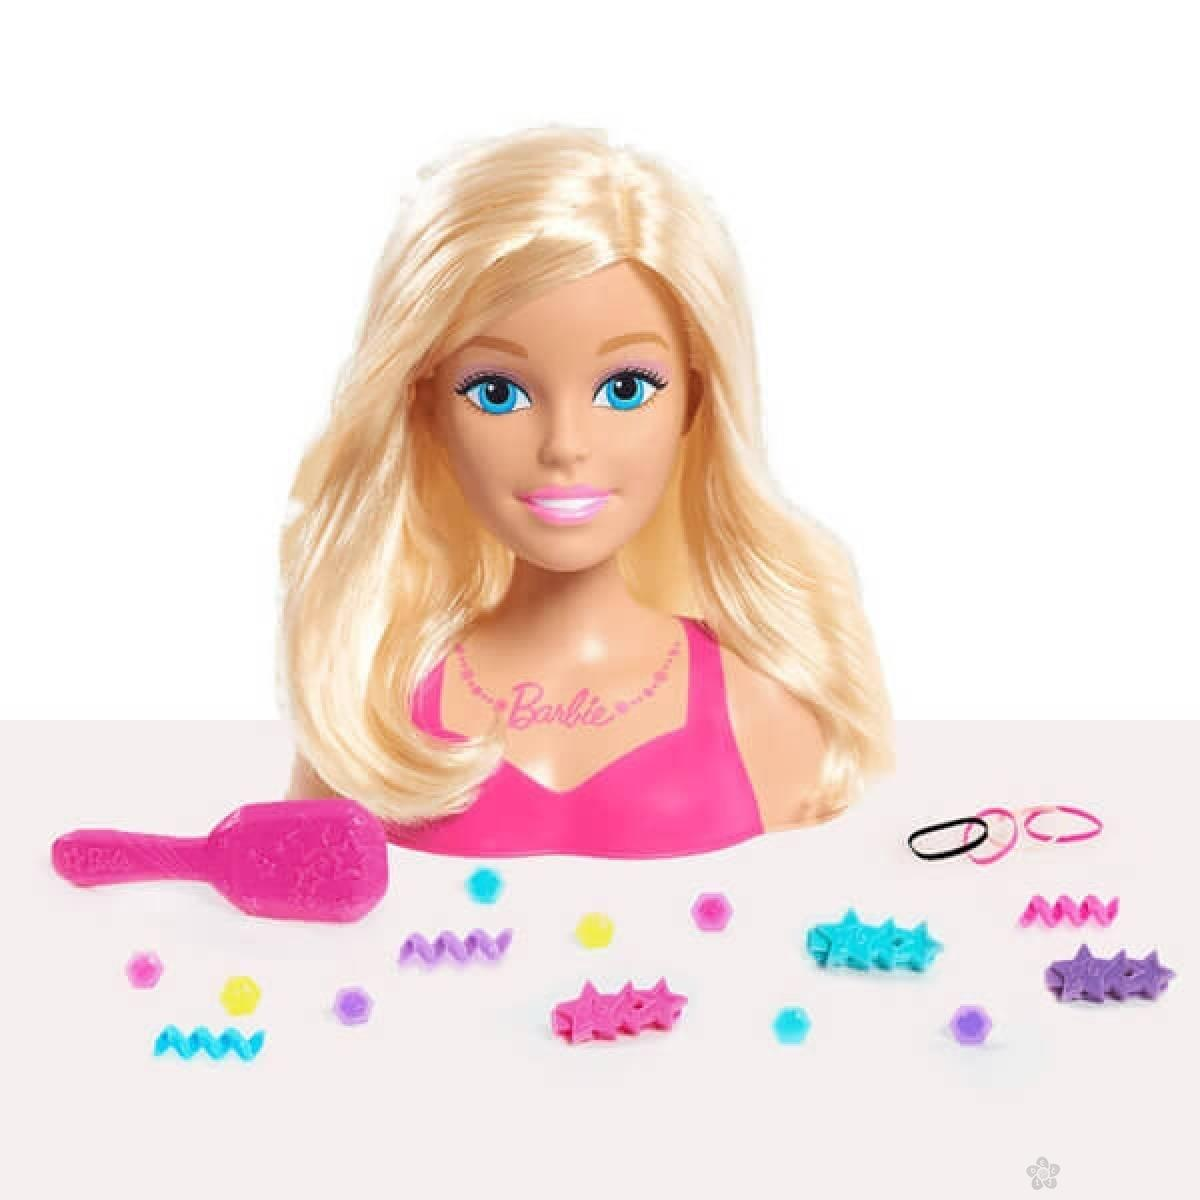 Barbie glava za ukrašavanje mala JP62535